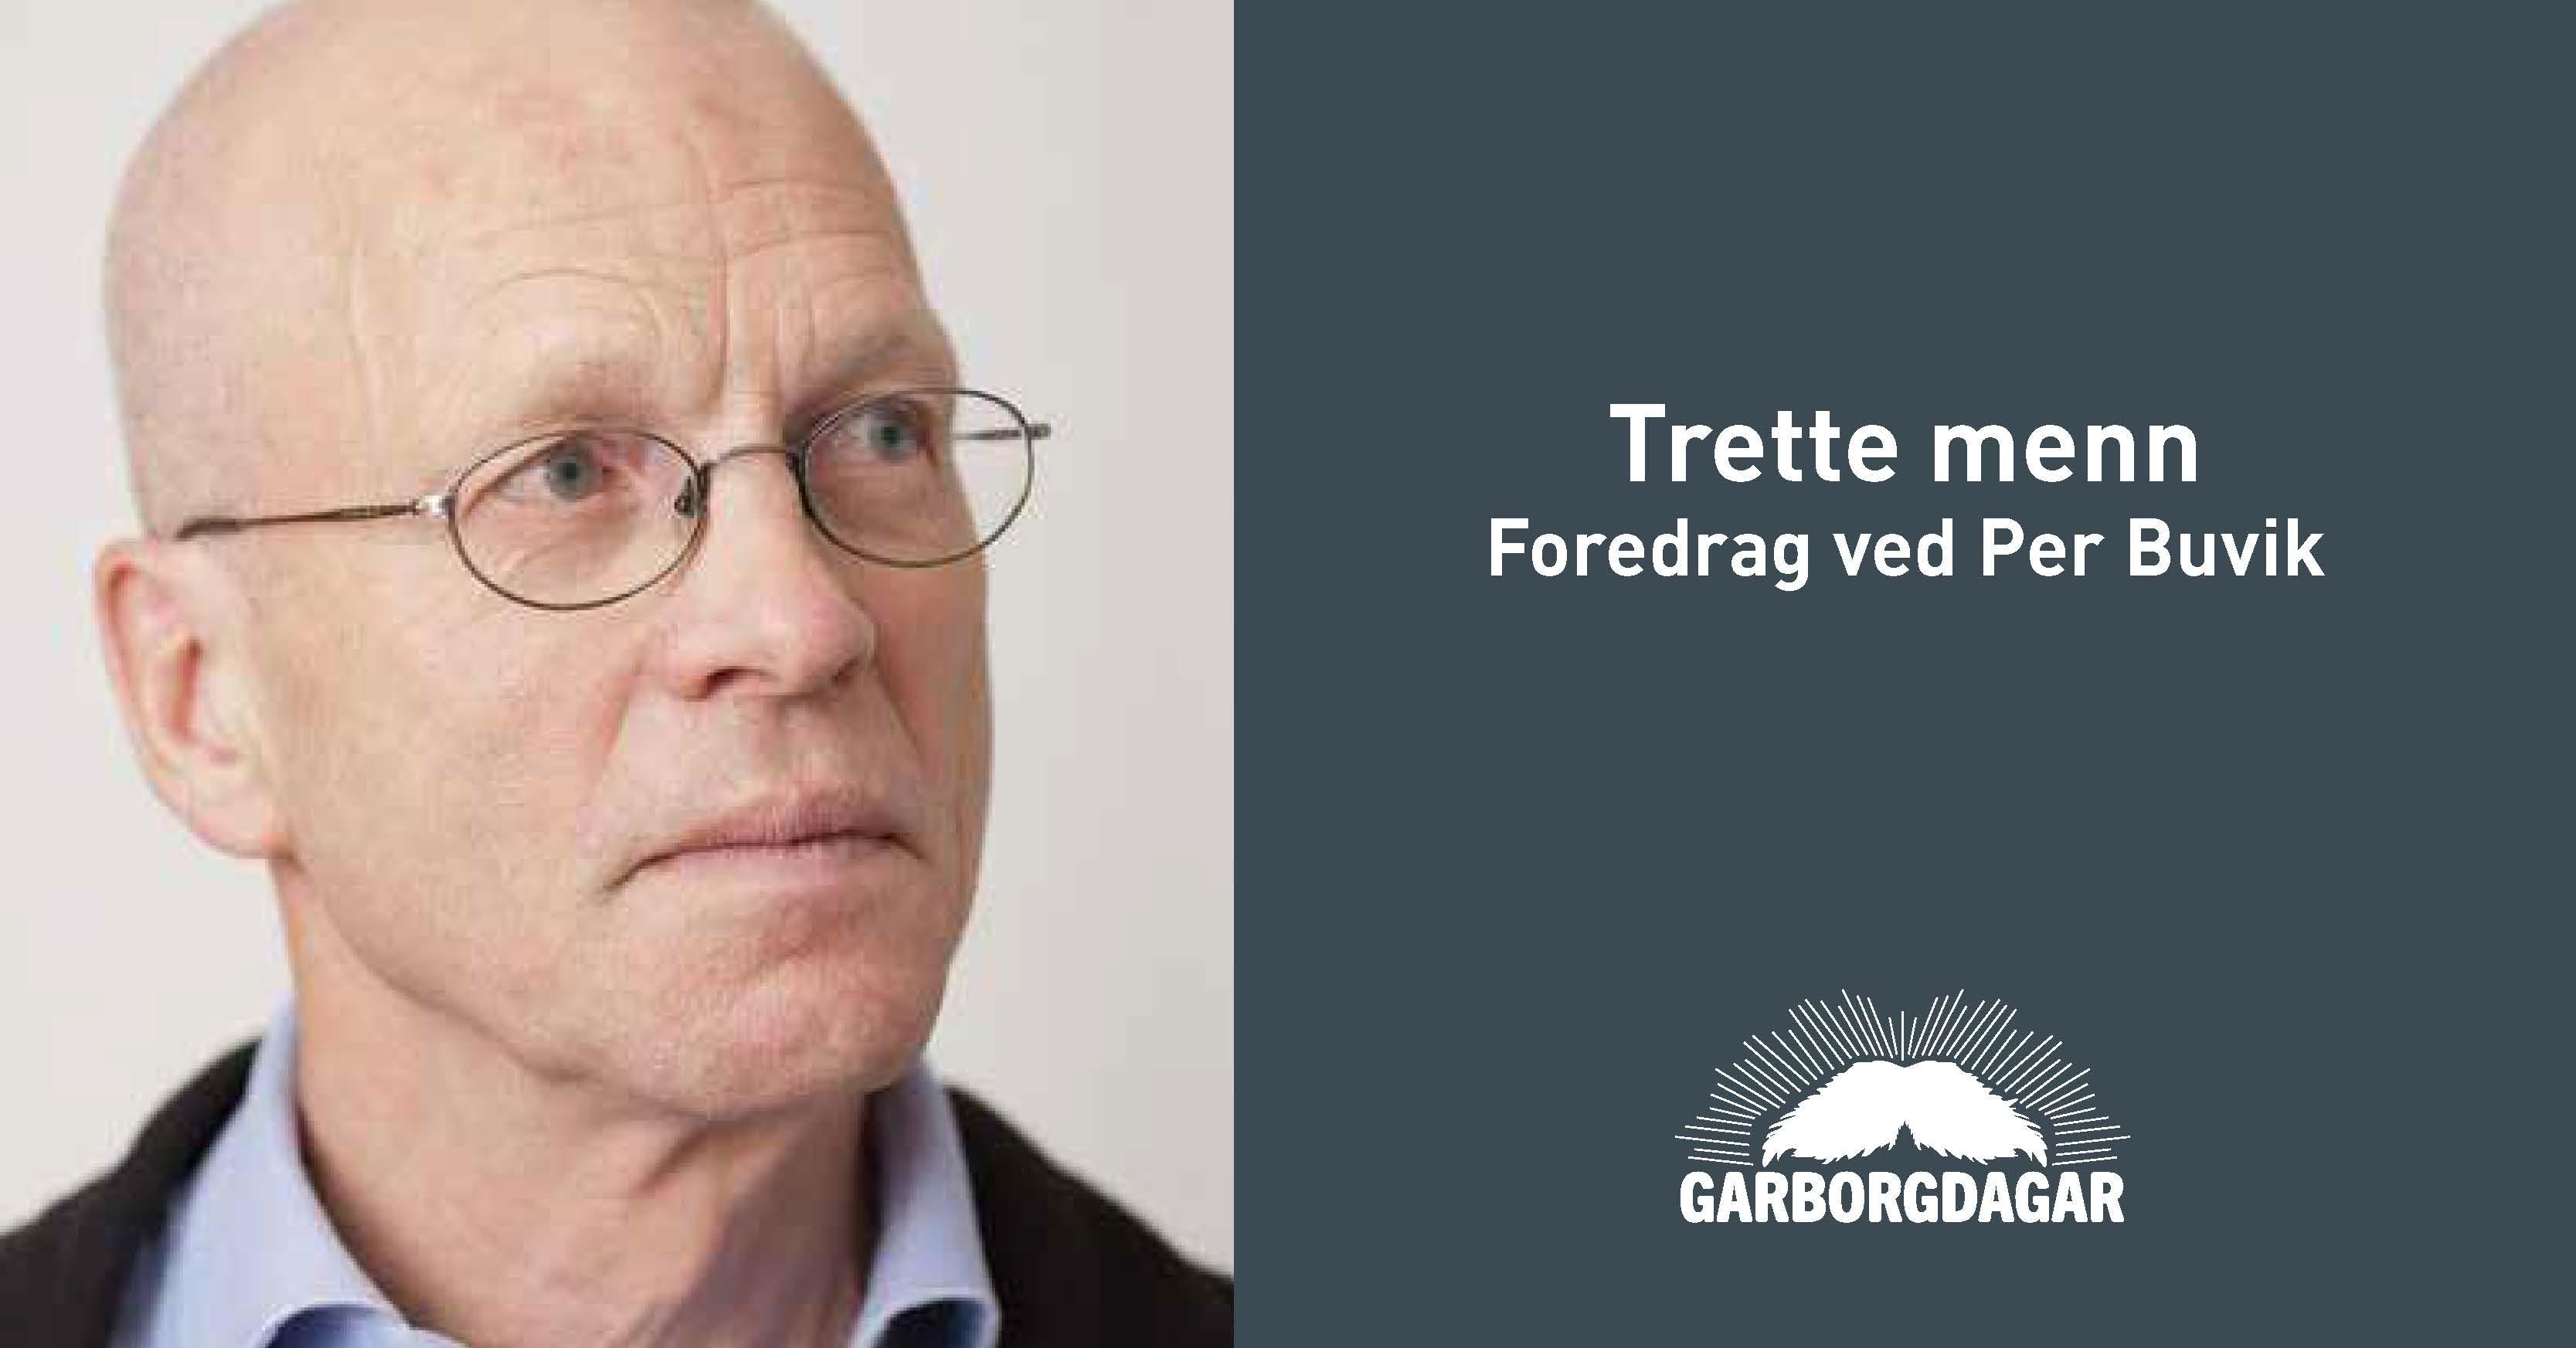 Trette  menn  |  foredrag  ved  Per  Buvik